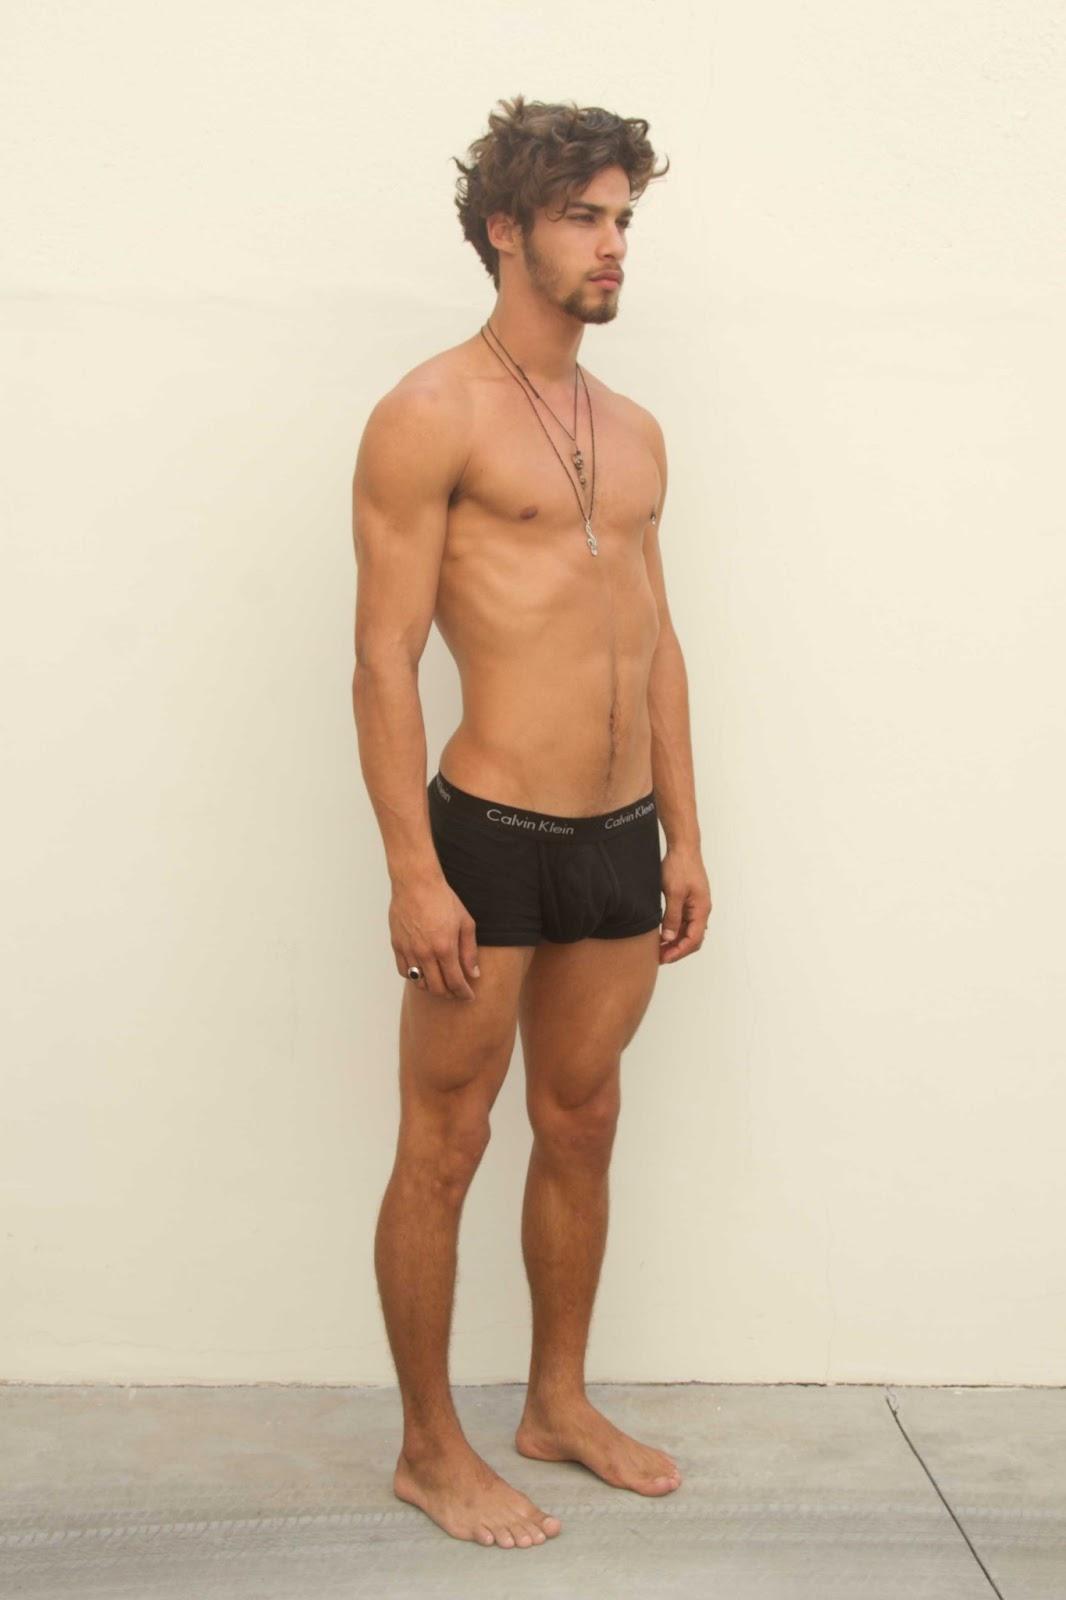 Pablo-Morais-pelado-bunda-de-fora-pentelhos-nu-ator-modelo-internacional-12